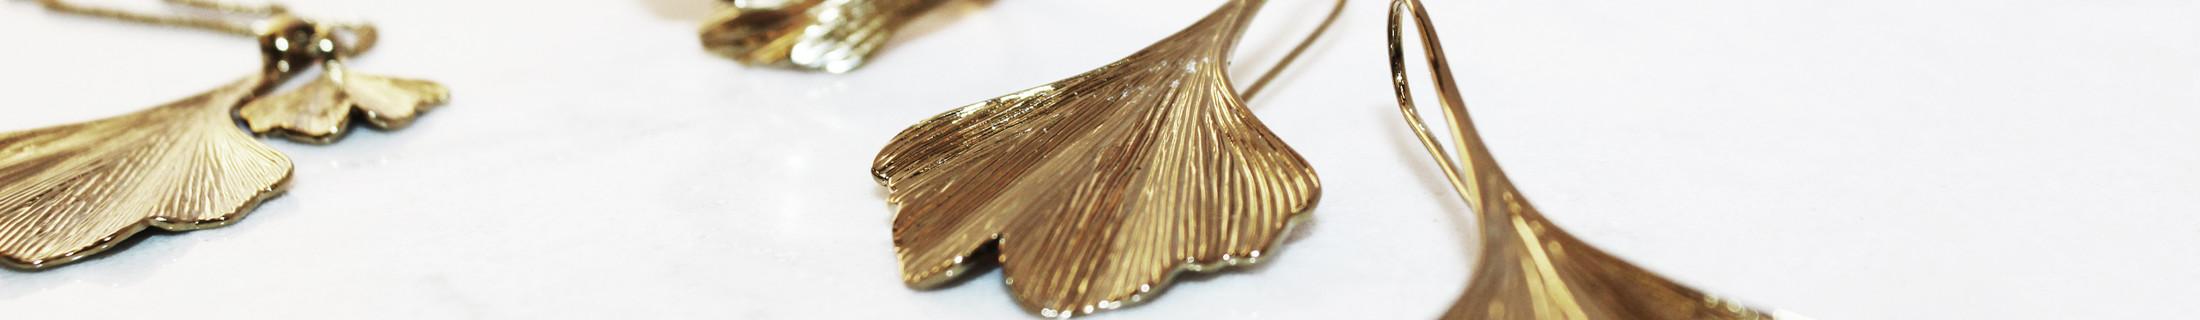 Smycken från kända varumärken  f3a8bb7ebf964